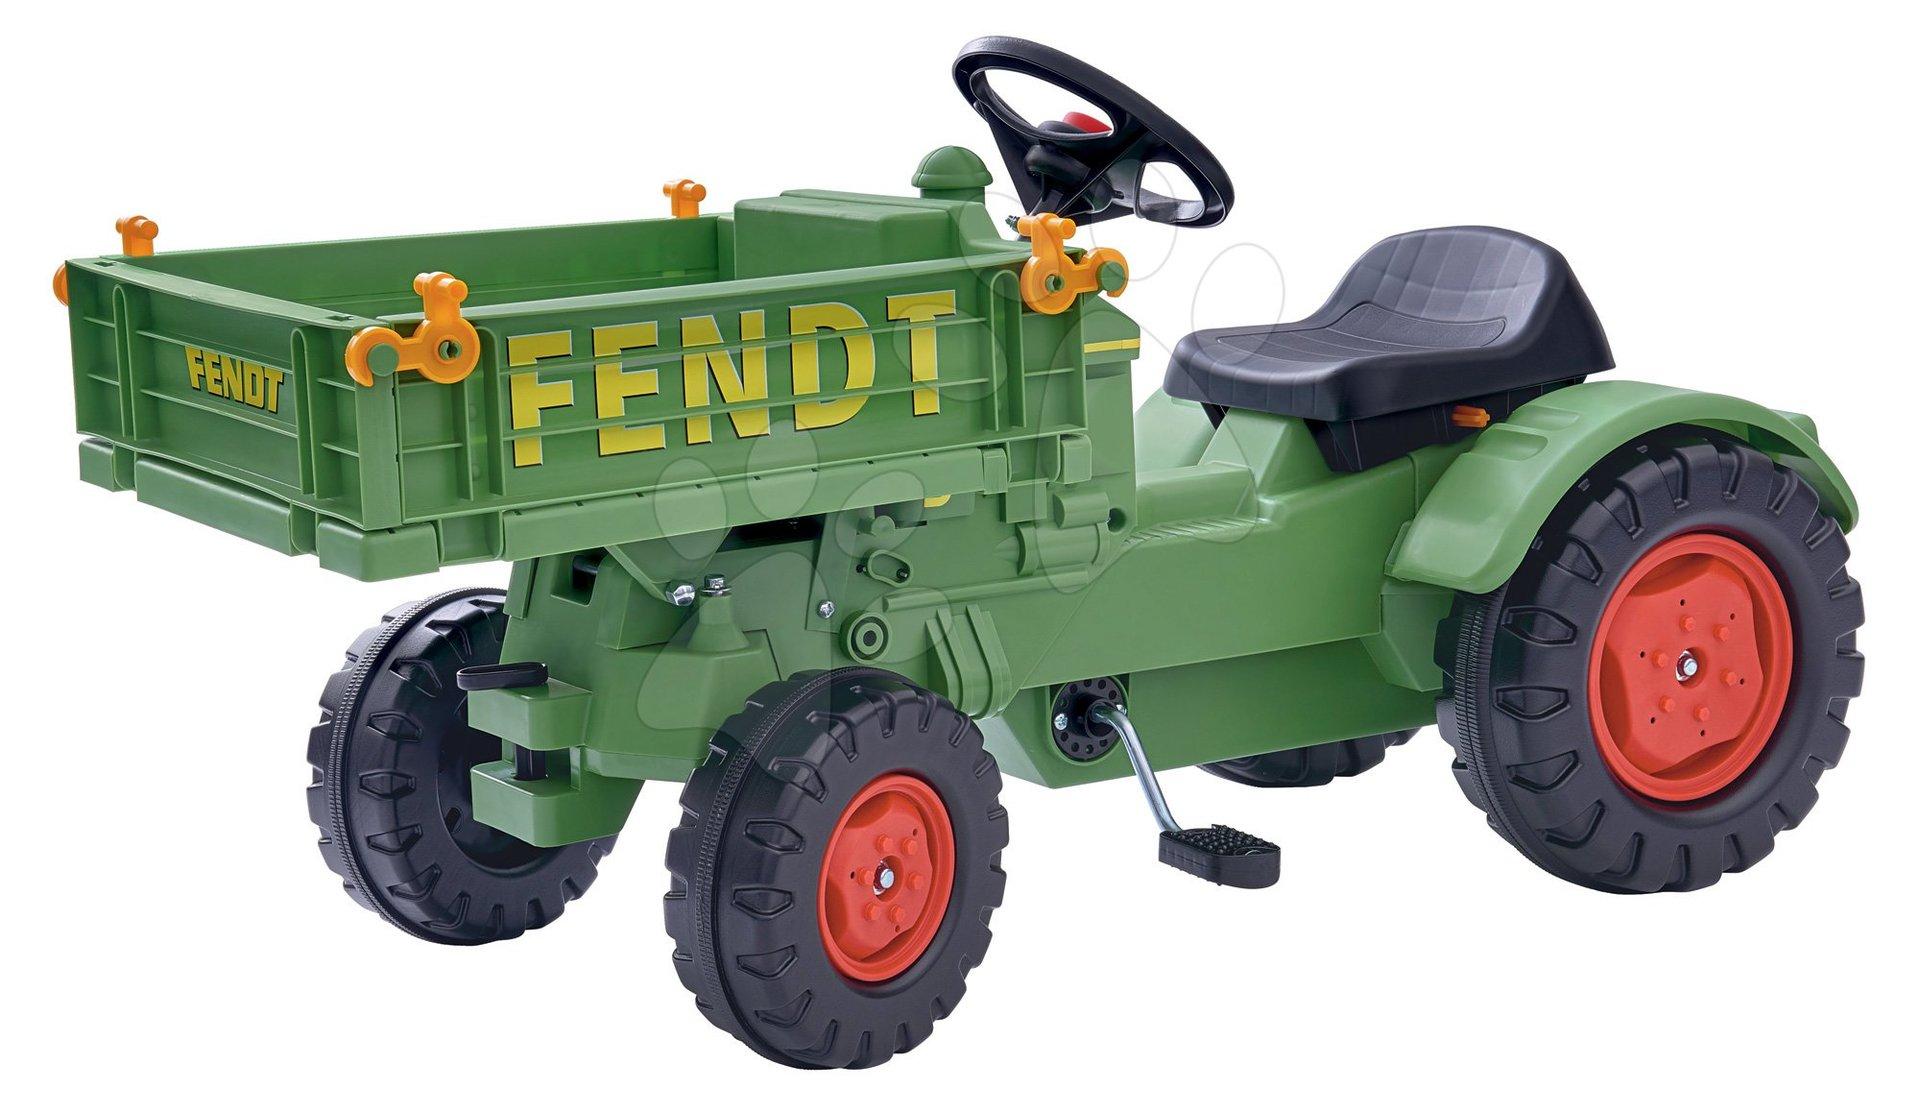 Šlapací traktor Fendt BIG na řetězový pohon s plošinou a klaksonem